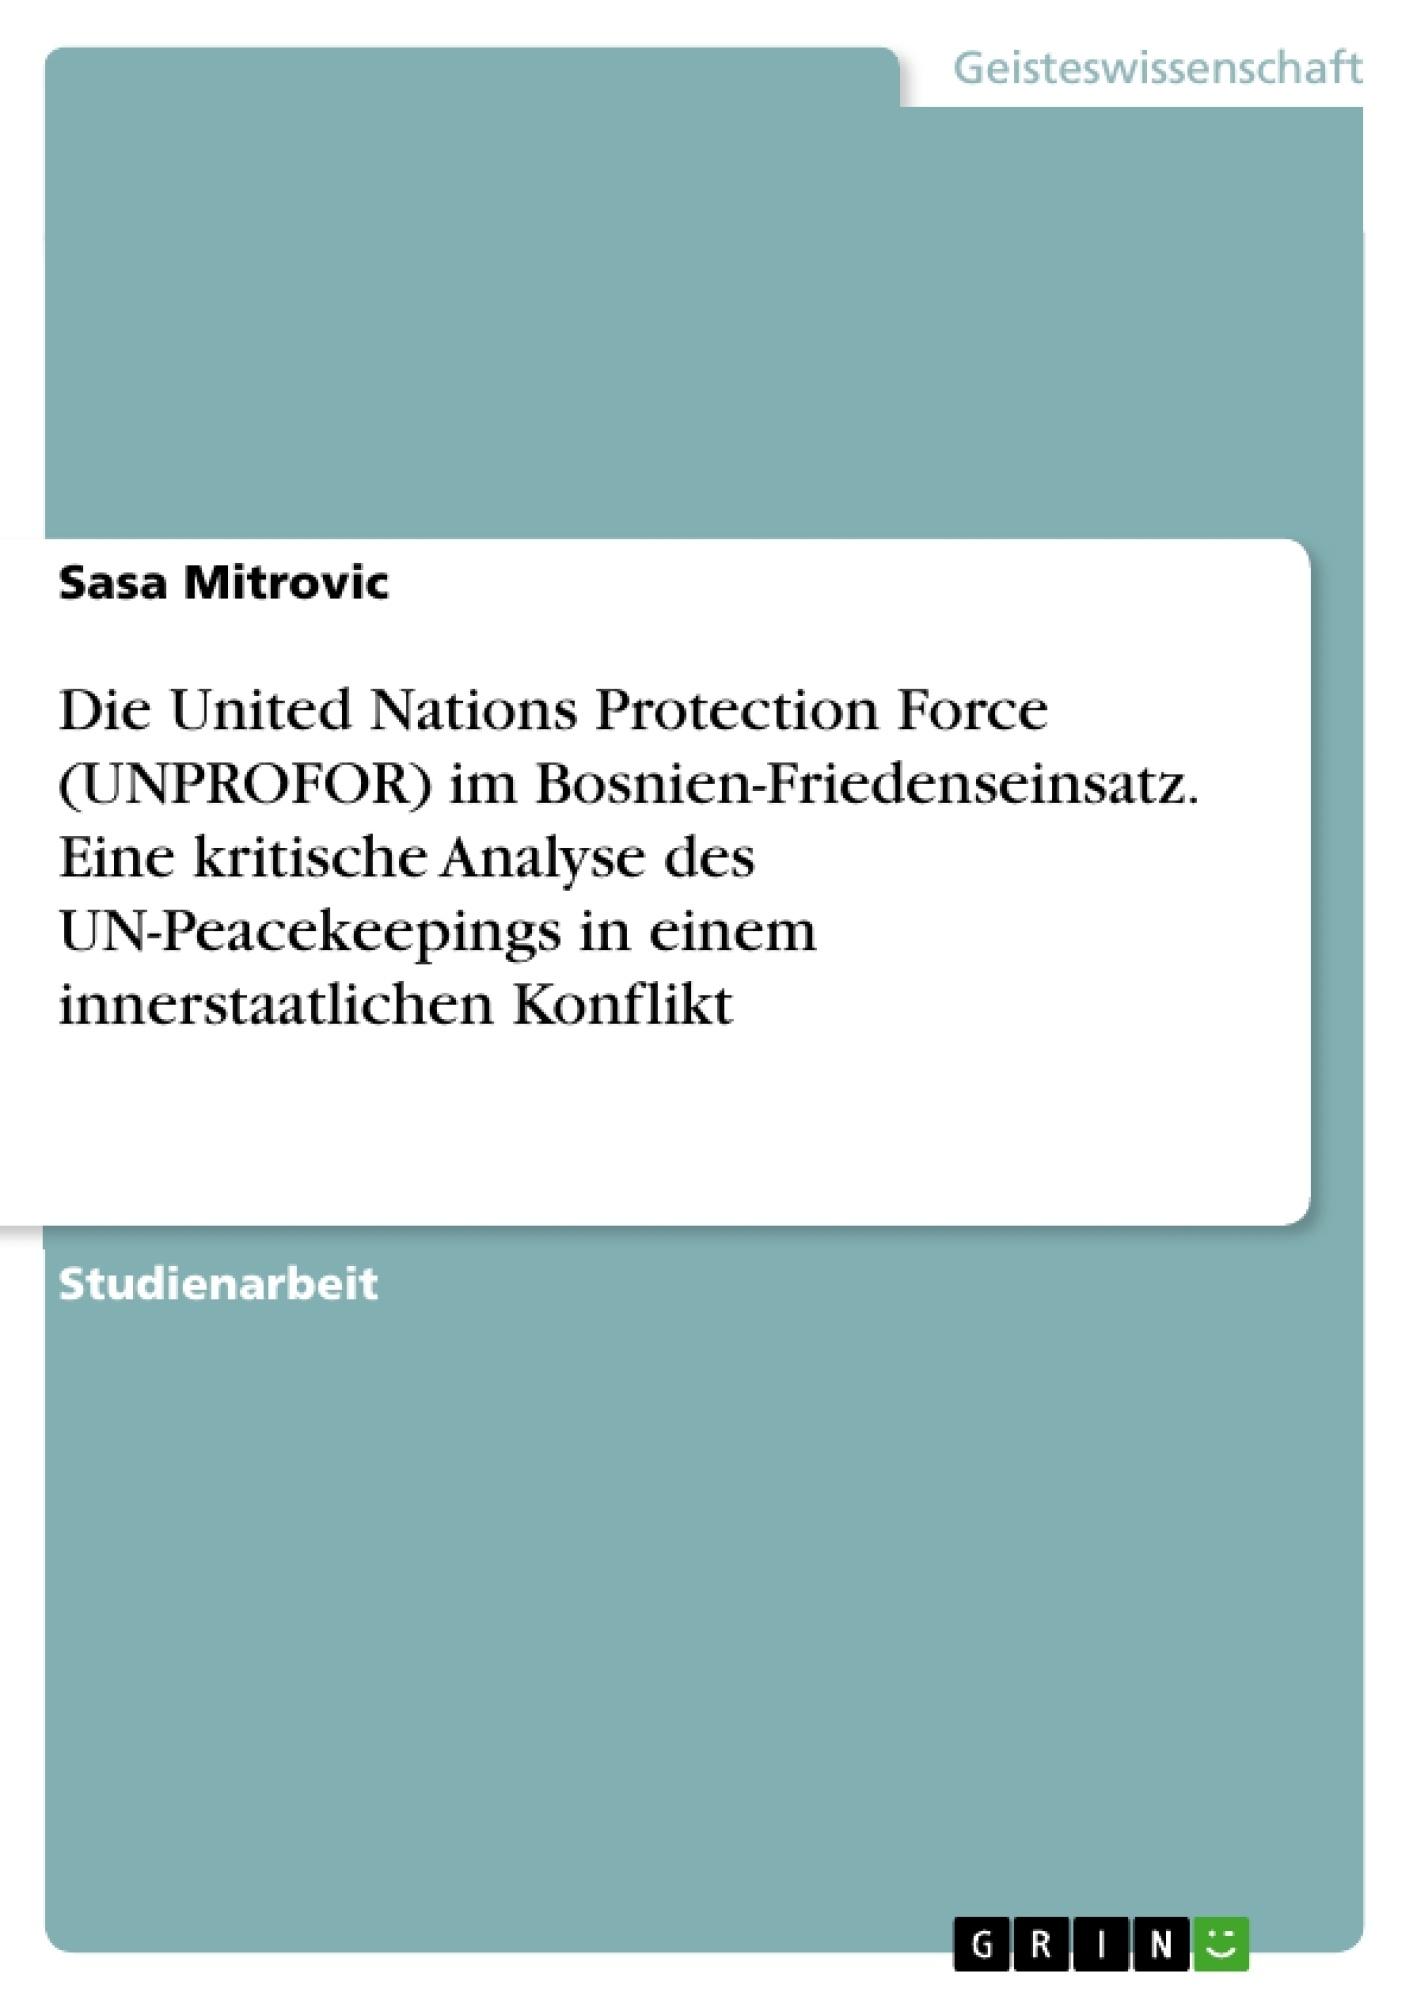 Titel: Die United Nations Protection Force (UNPROFOR) im Bosnien-Friedenseinsatz. Eine kritische Analyse des UN-Peacekeepings in einem innerstaatlichen Konflikt